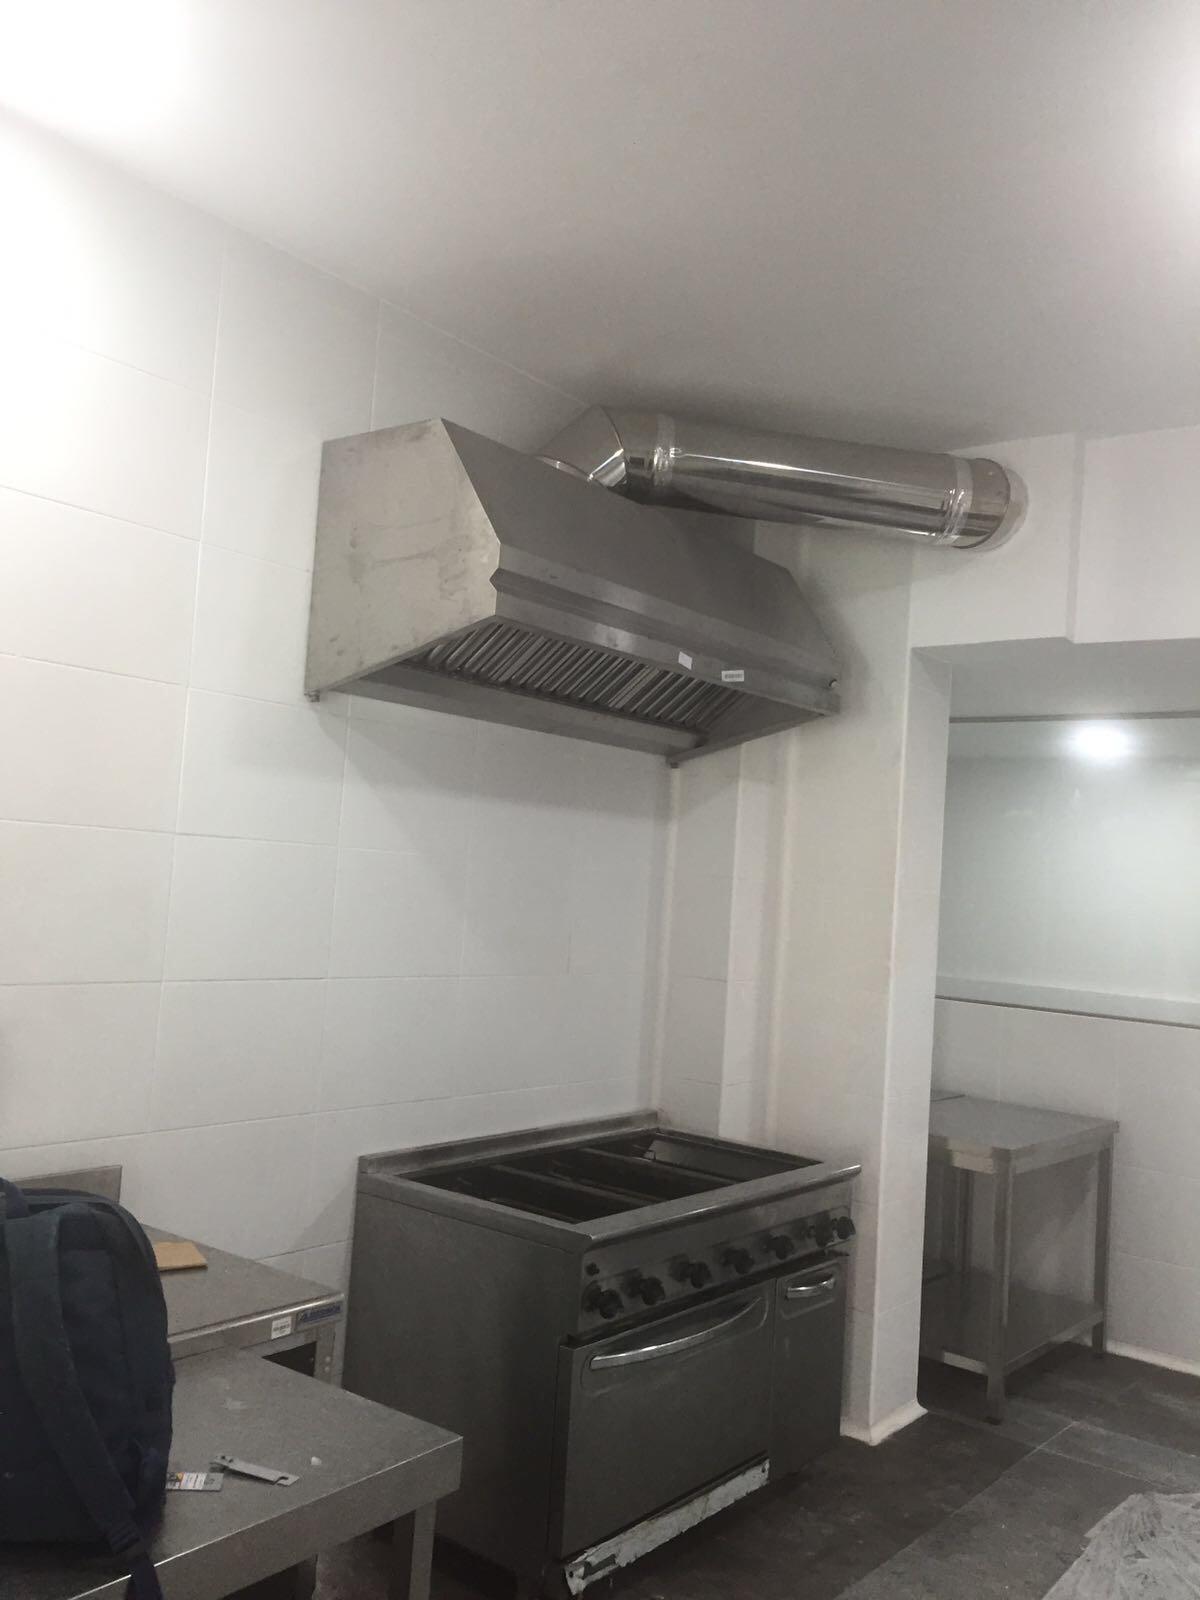 Salida Humos Campana Extractora Cocina – Cecoc.info